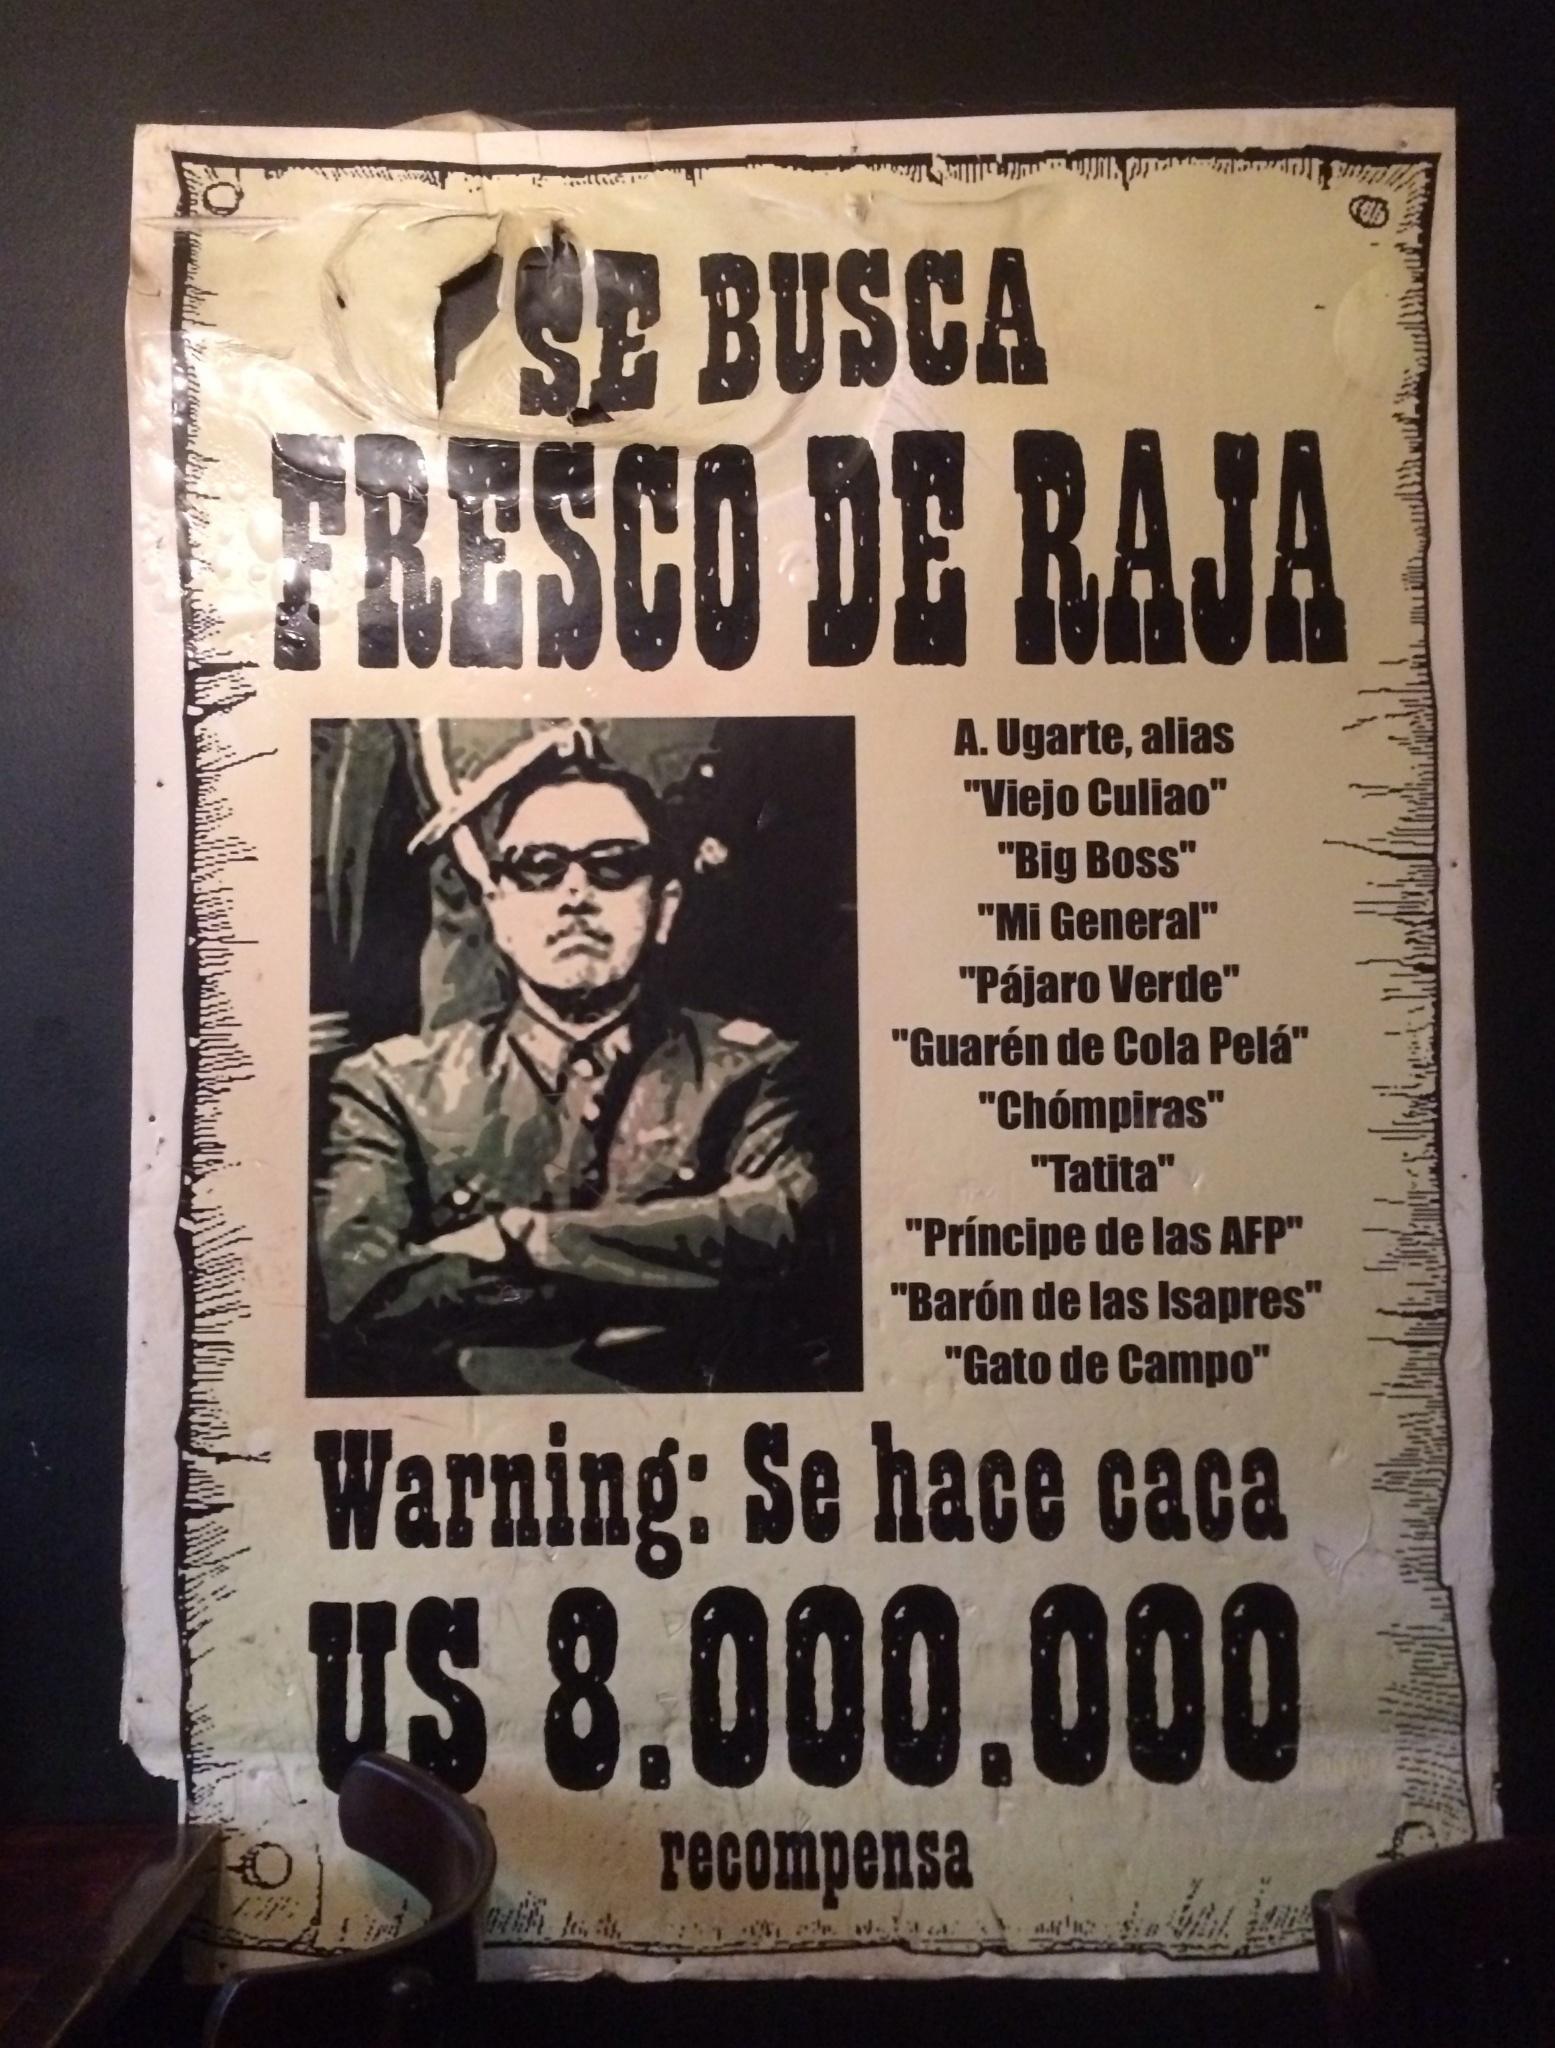 Фигура Пиночета в чилийском обществе воспринимается очень неоднозначно.